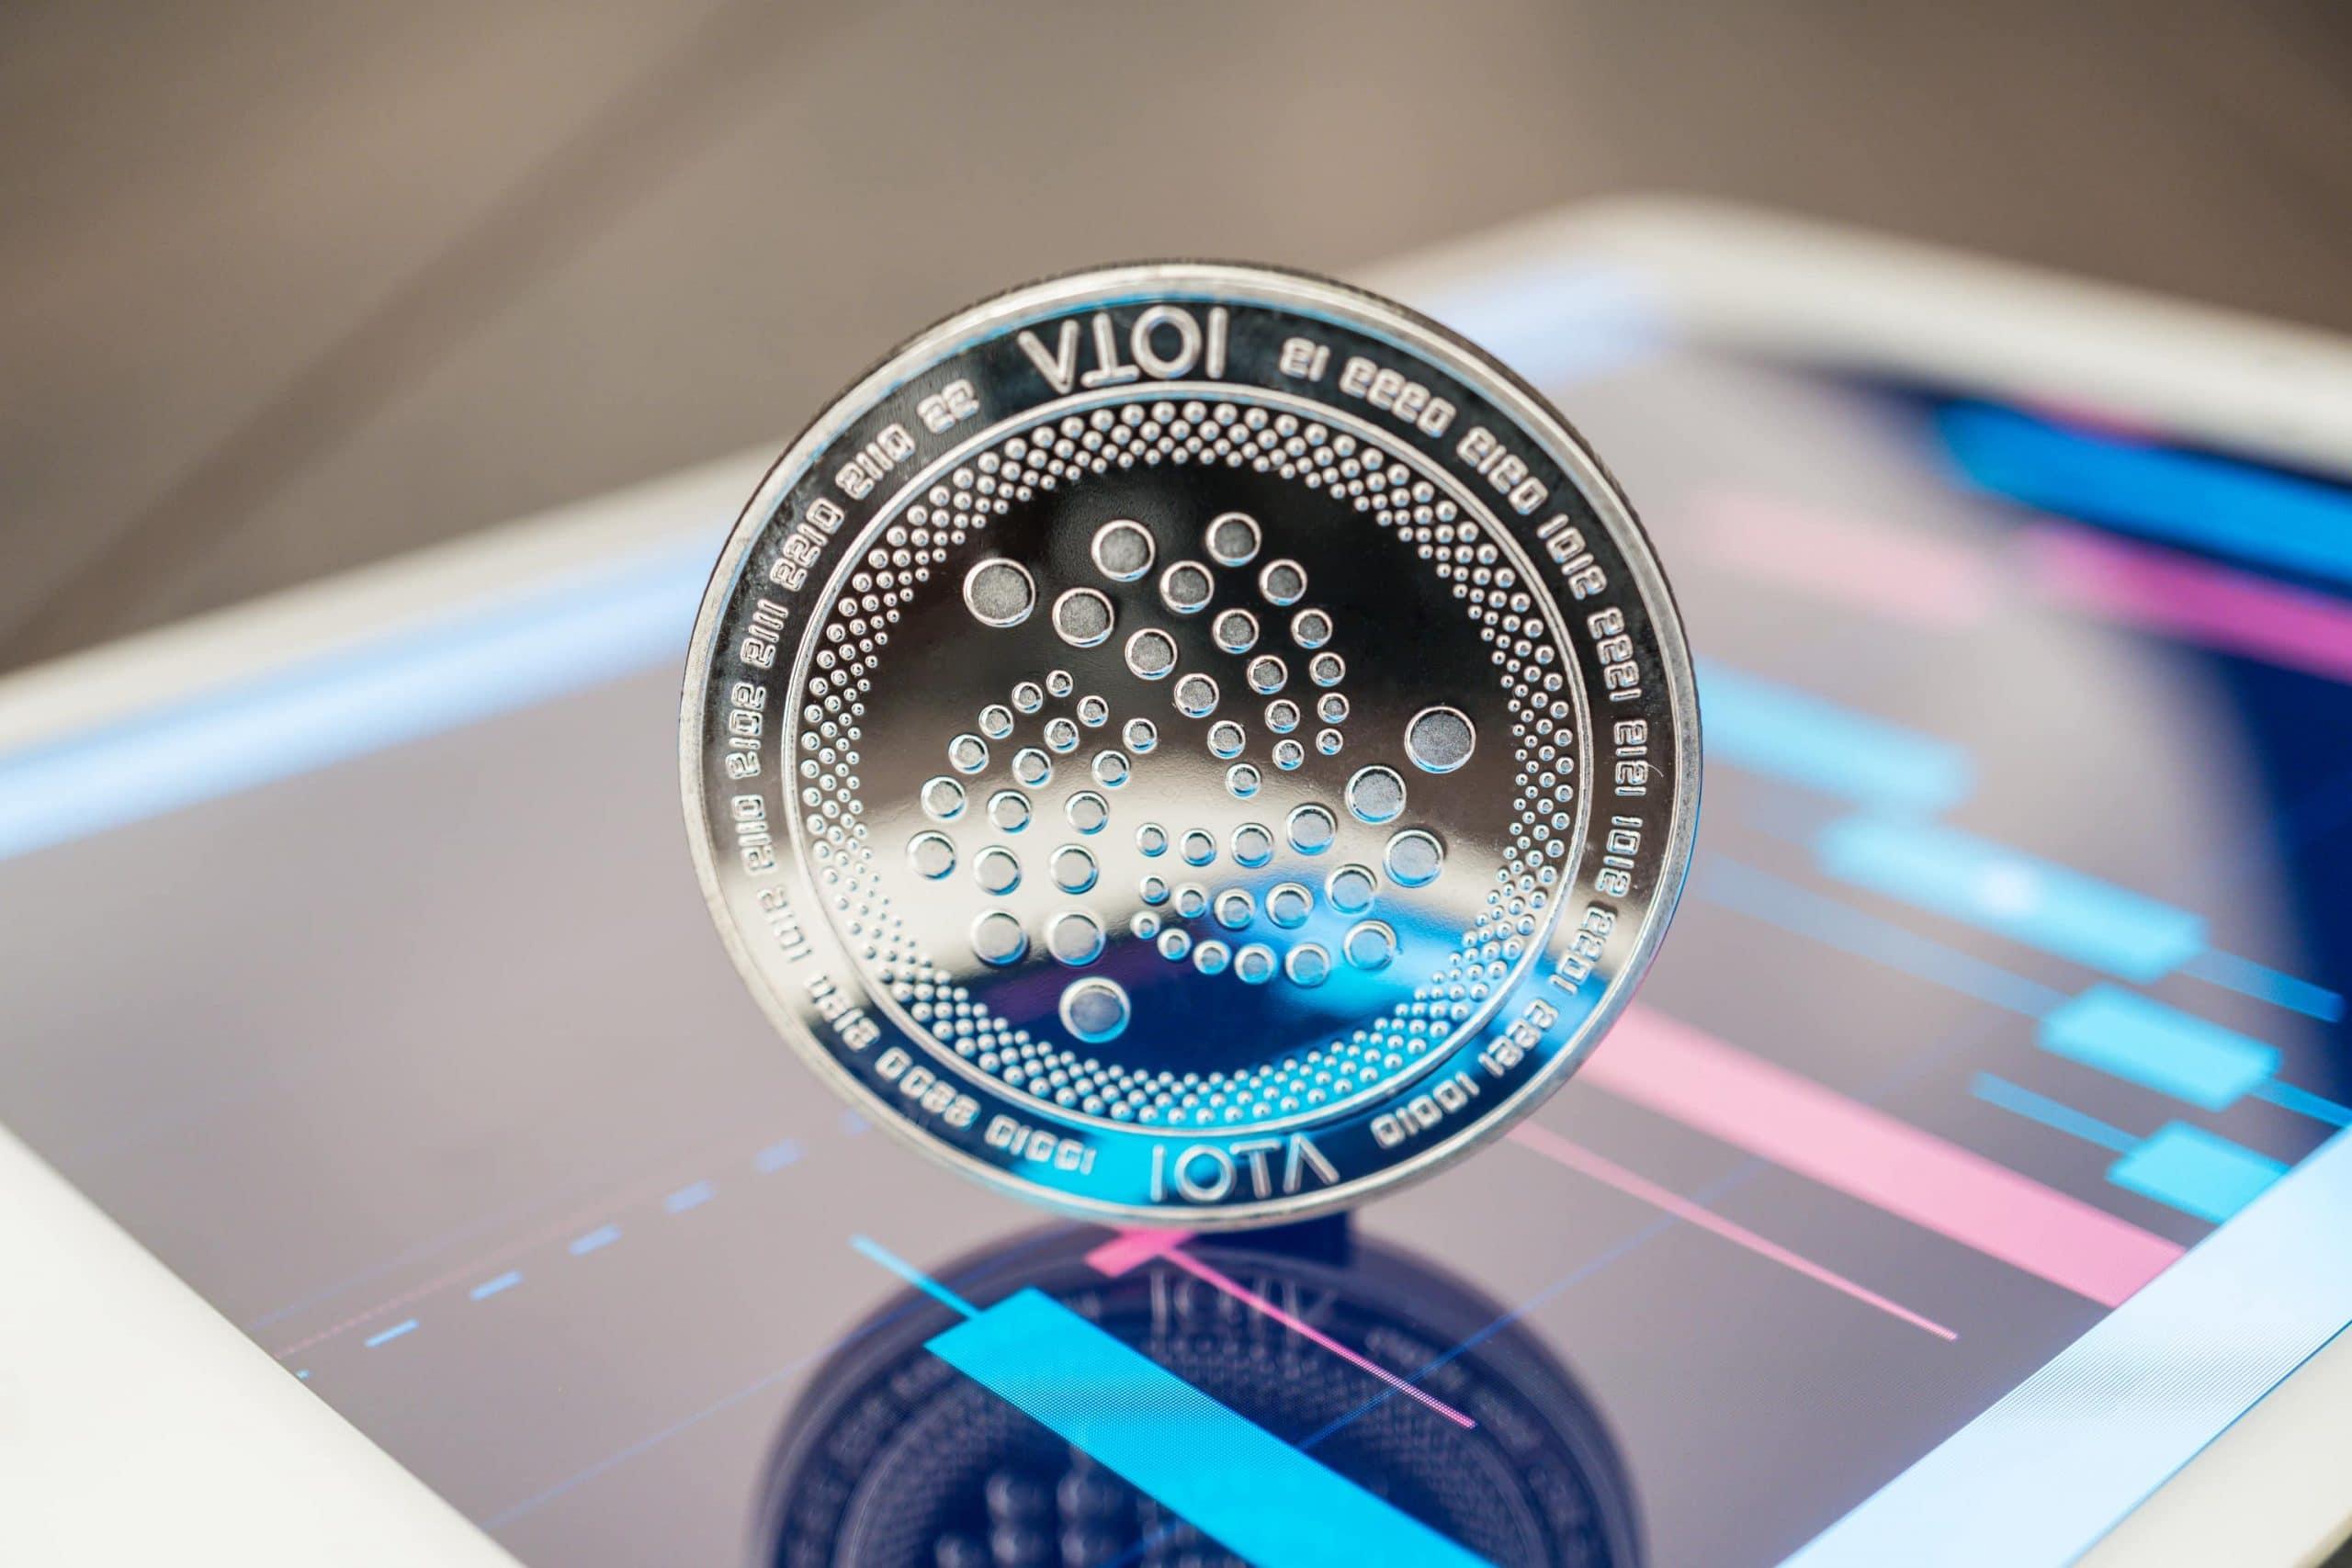 IOTA-Münze auf Smartphone-Display